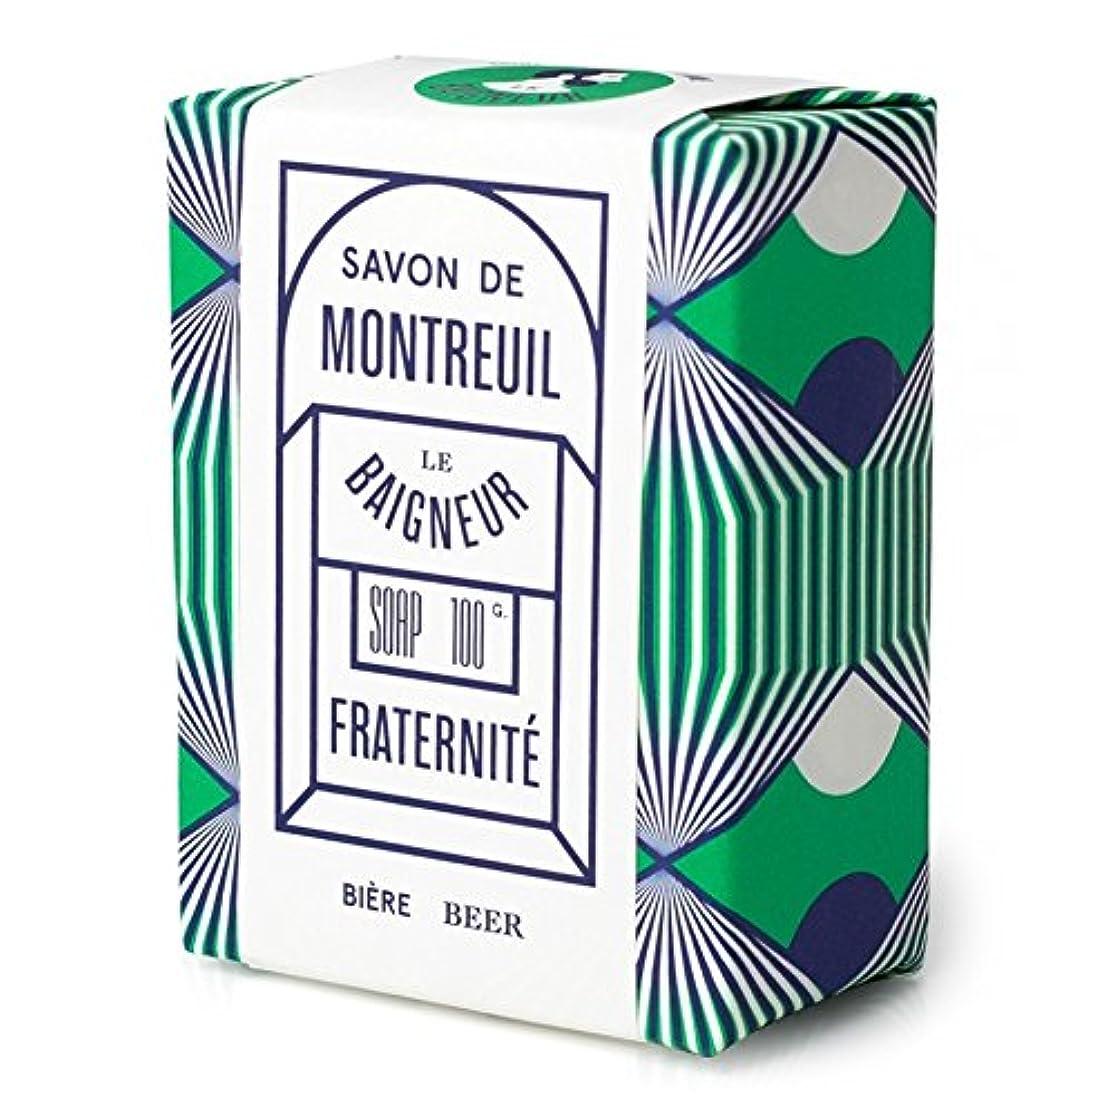 ル 石鹸100グラム x4 - Le Baigneur Fraternite Soap 100g (Pack of 4) [並行輸入品]